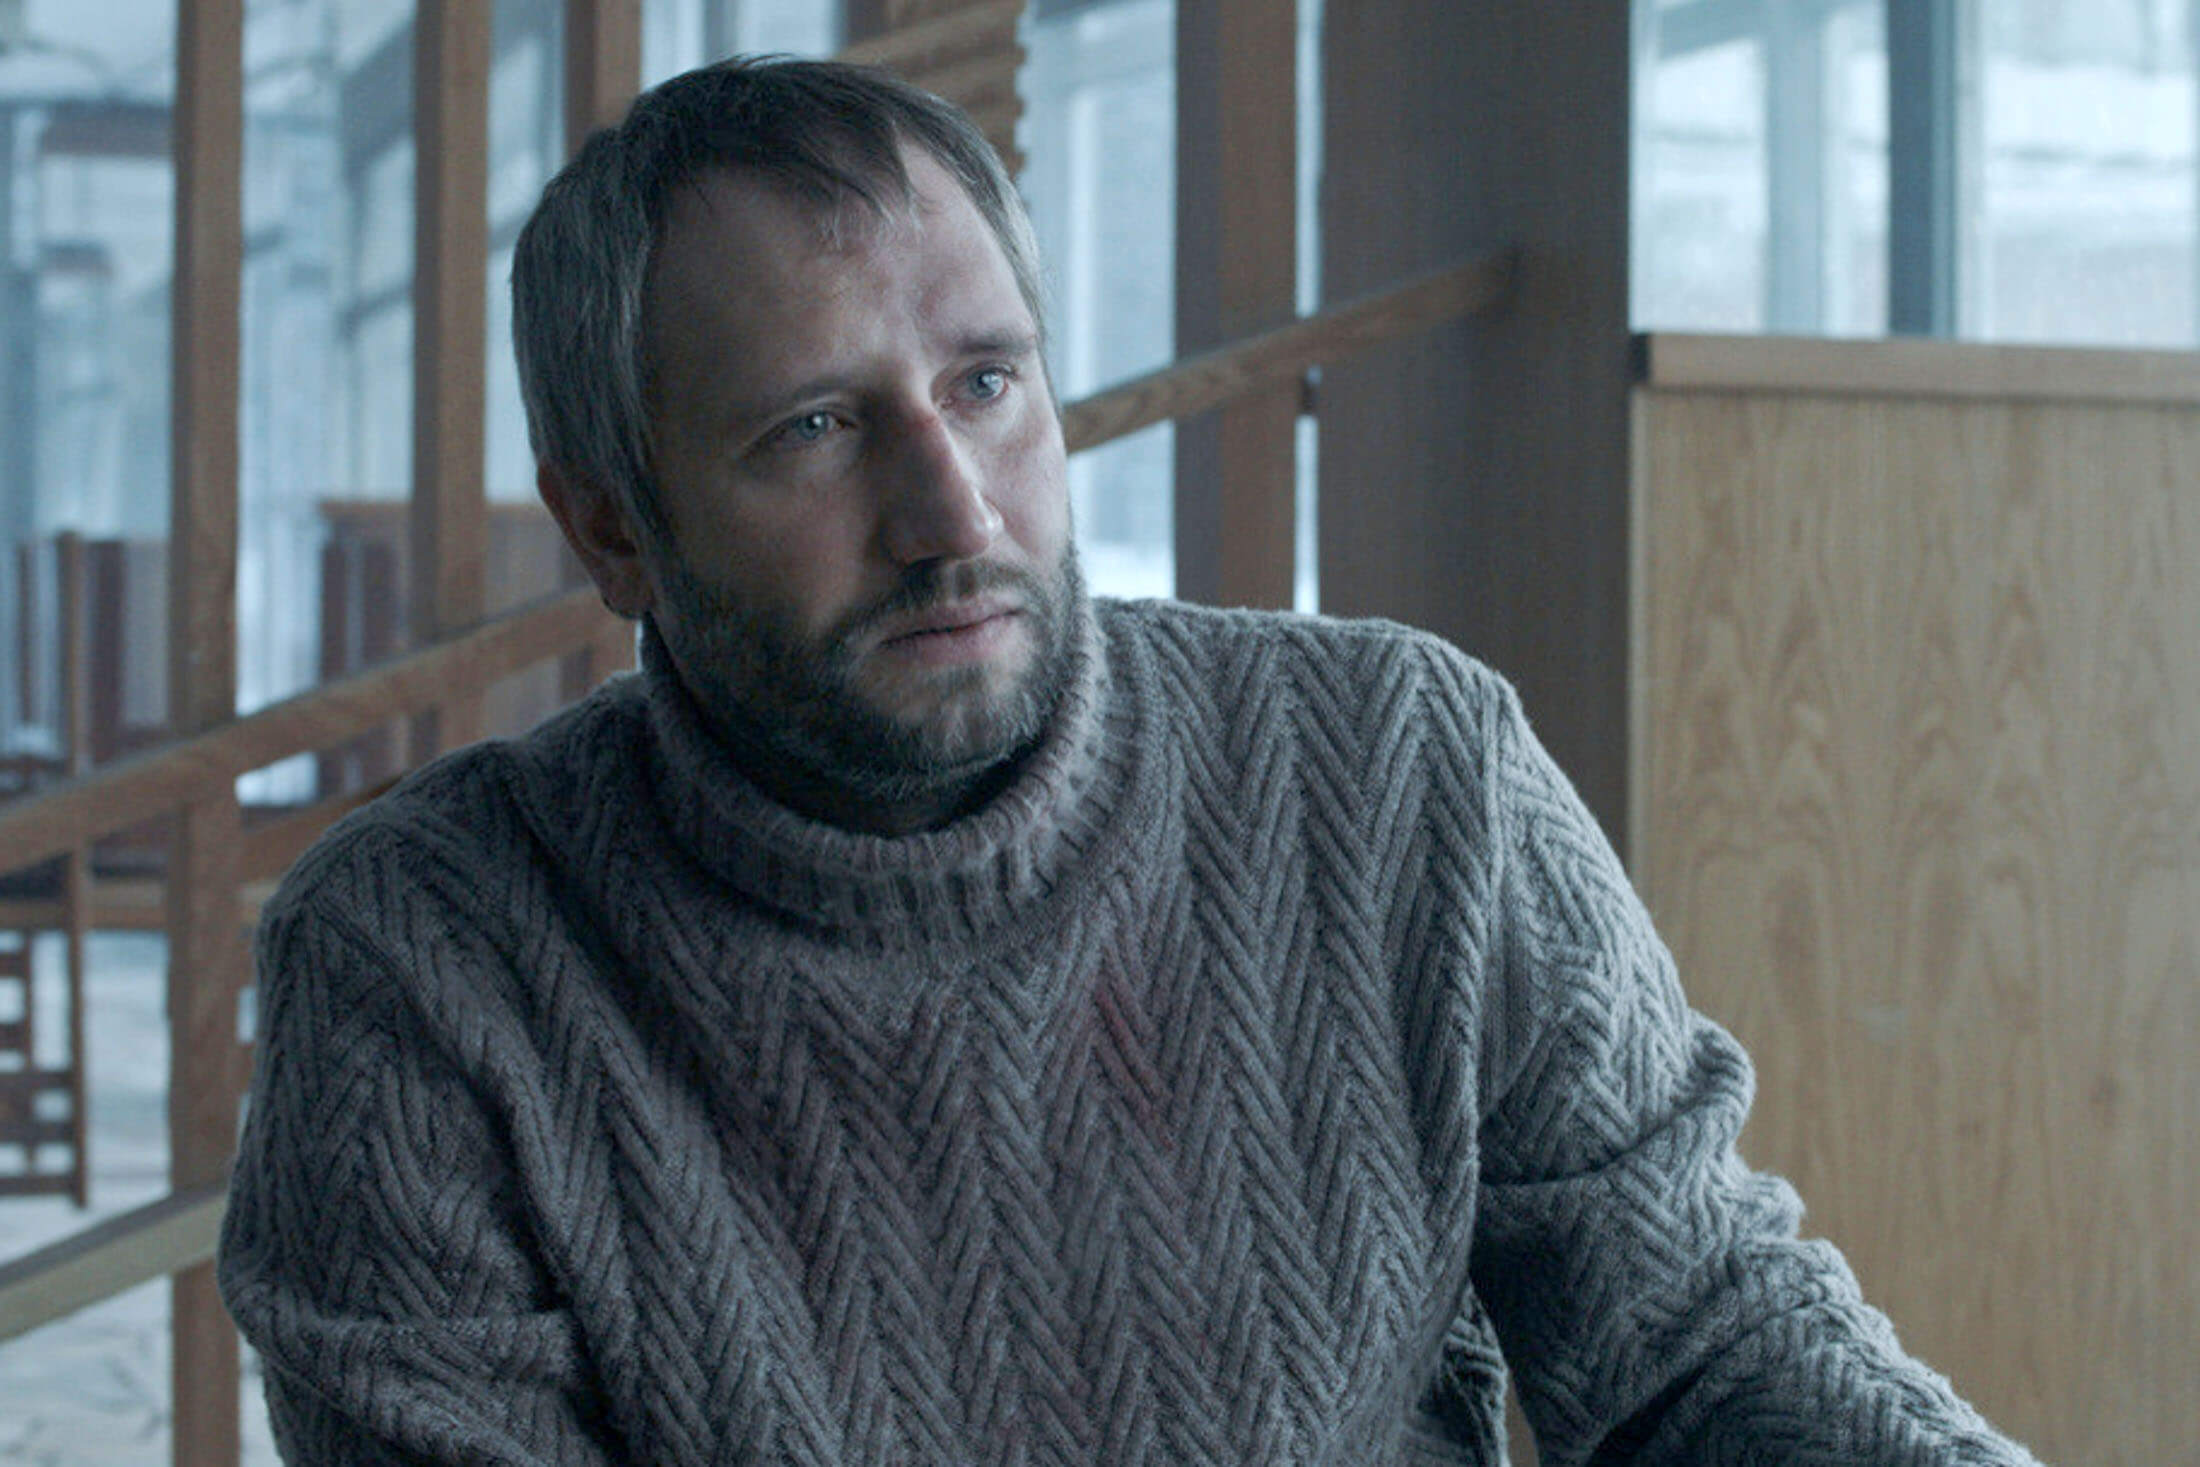 Быков снимет новый фильм. Ещё один